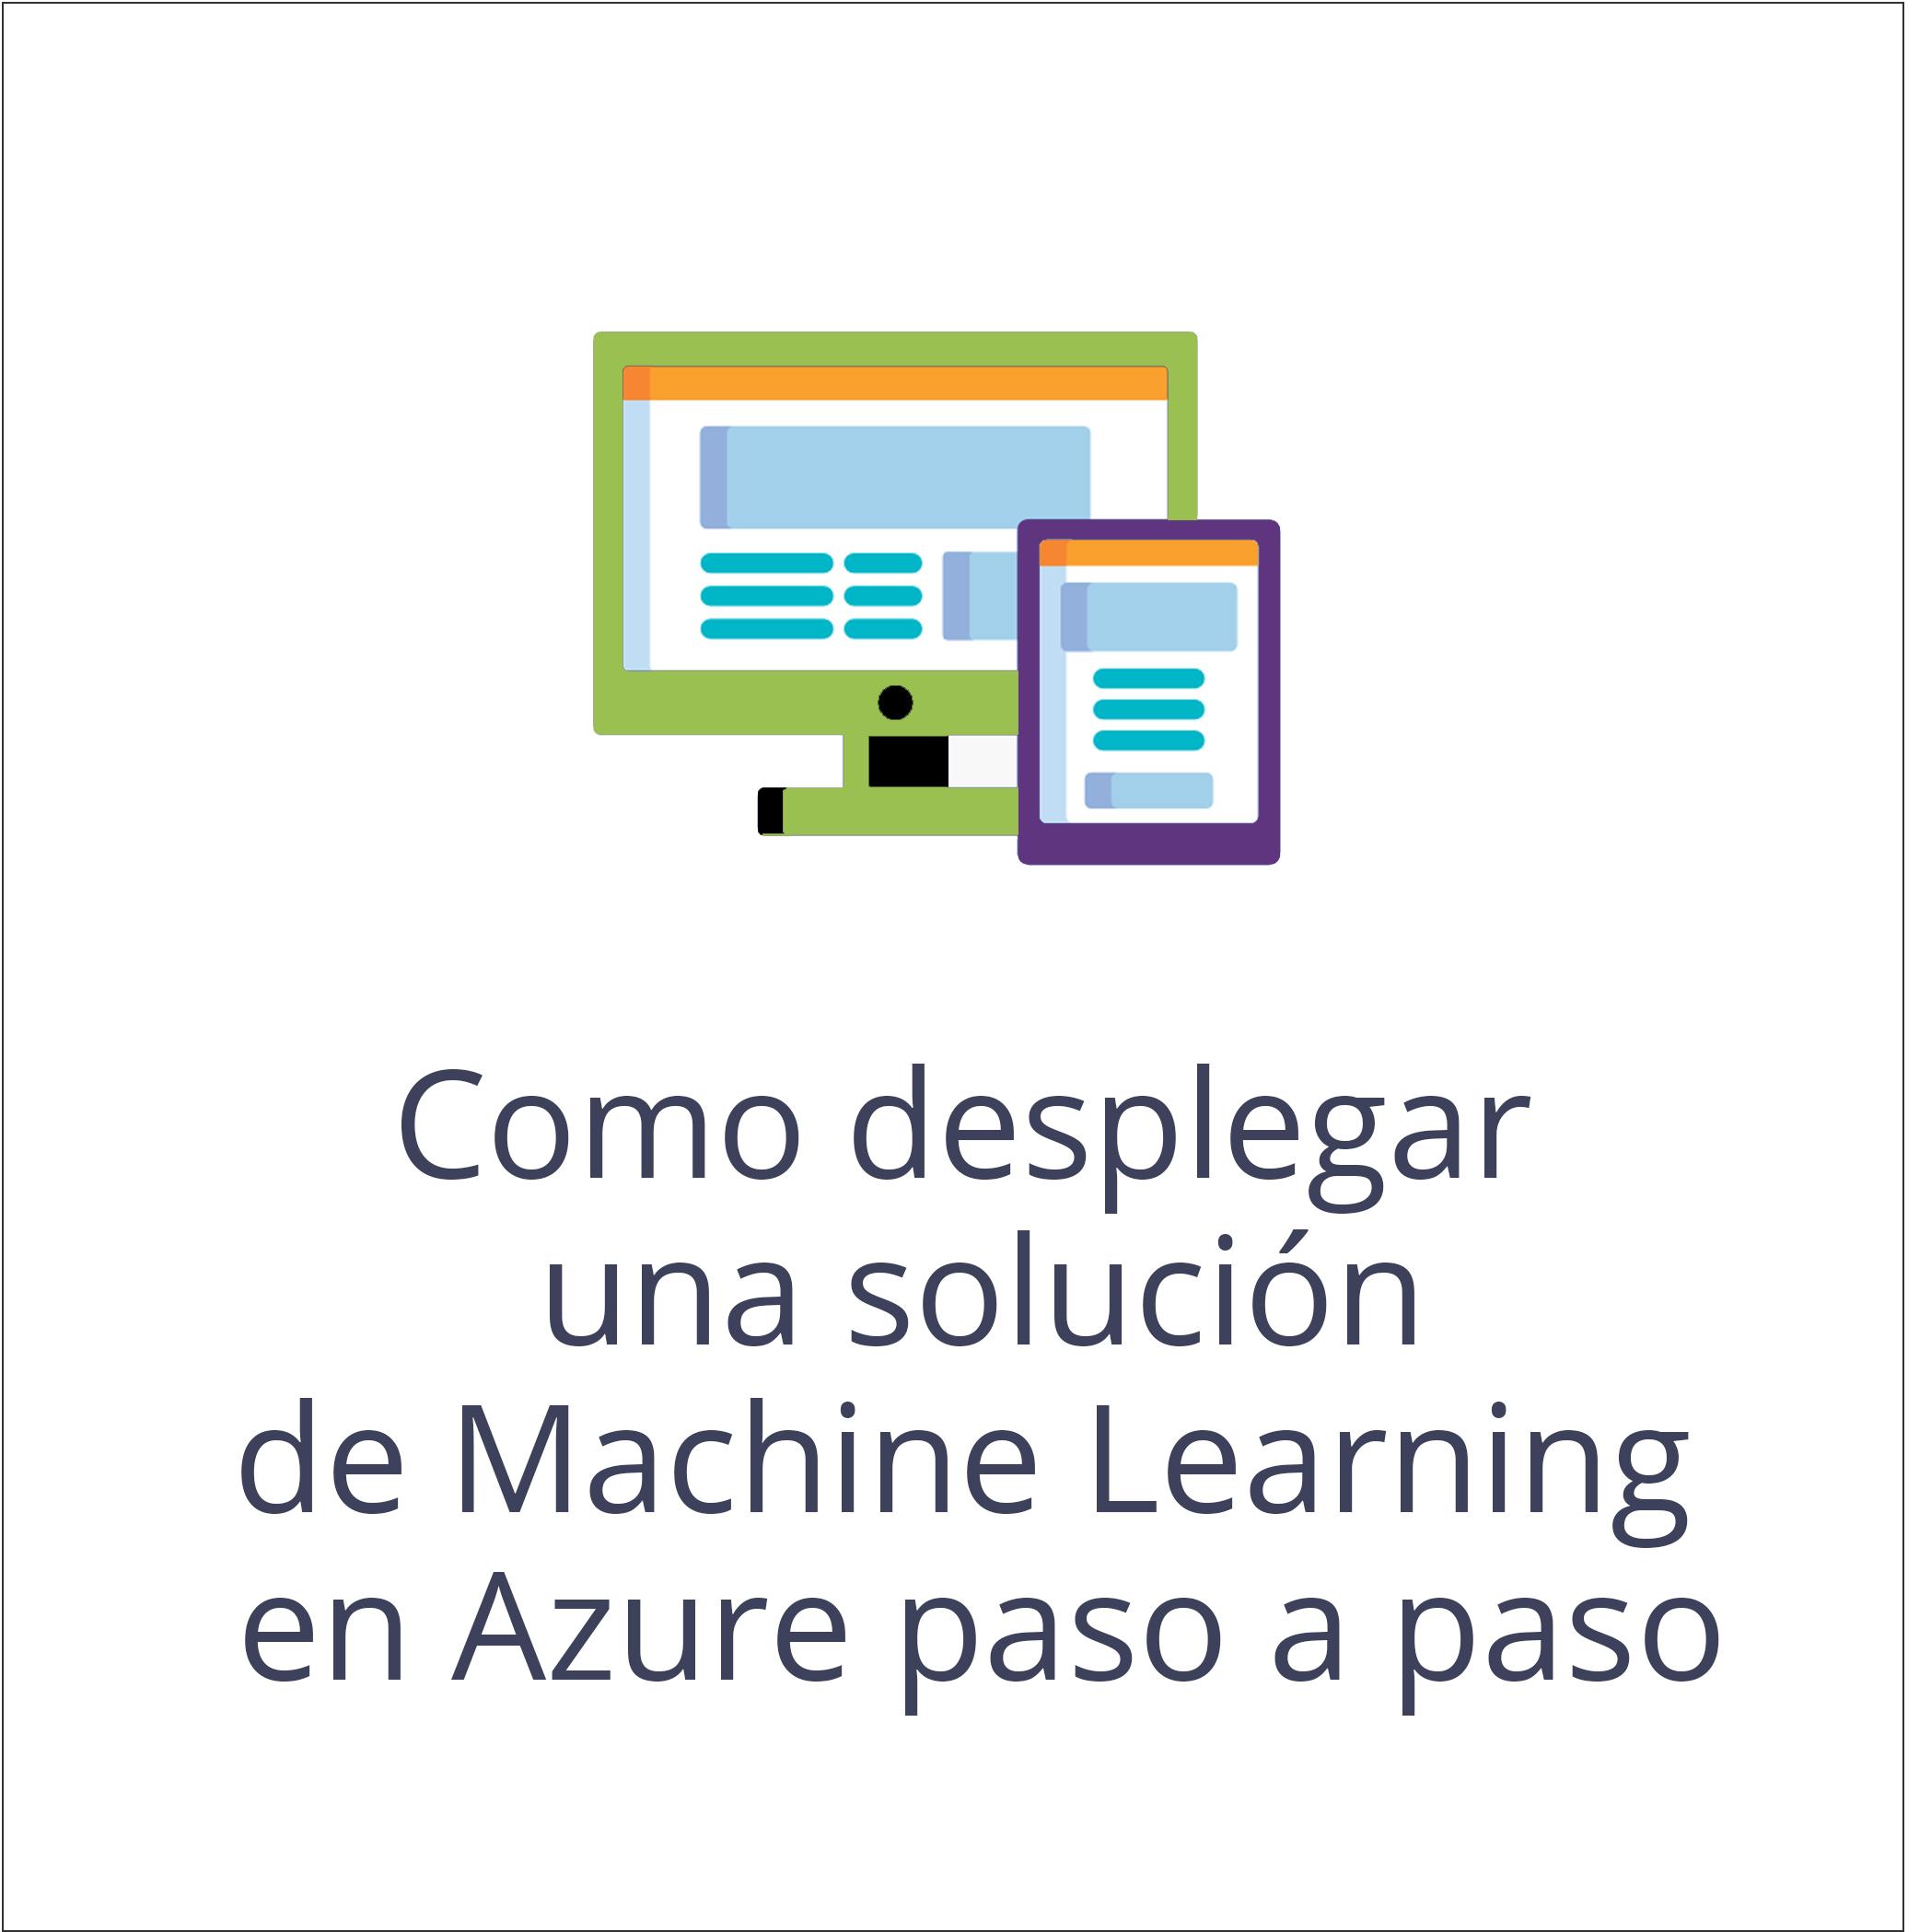 Cómo desplegar una solución de Machine Learning en Azure paso a paso